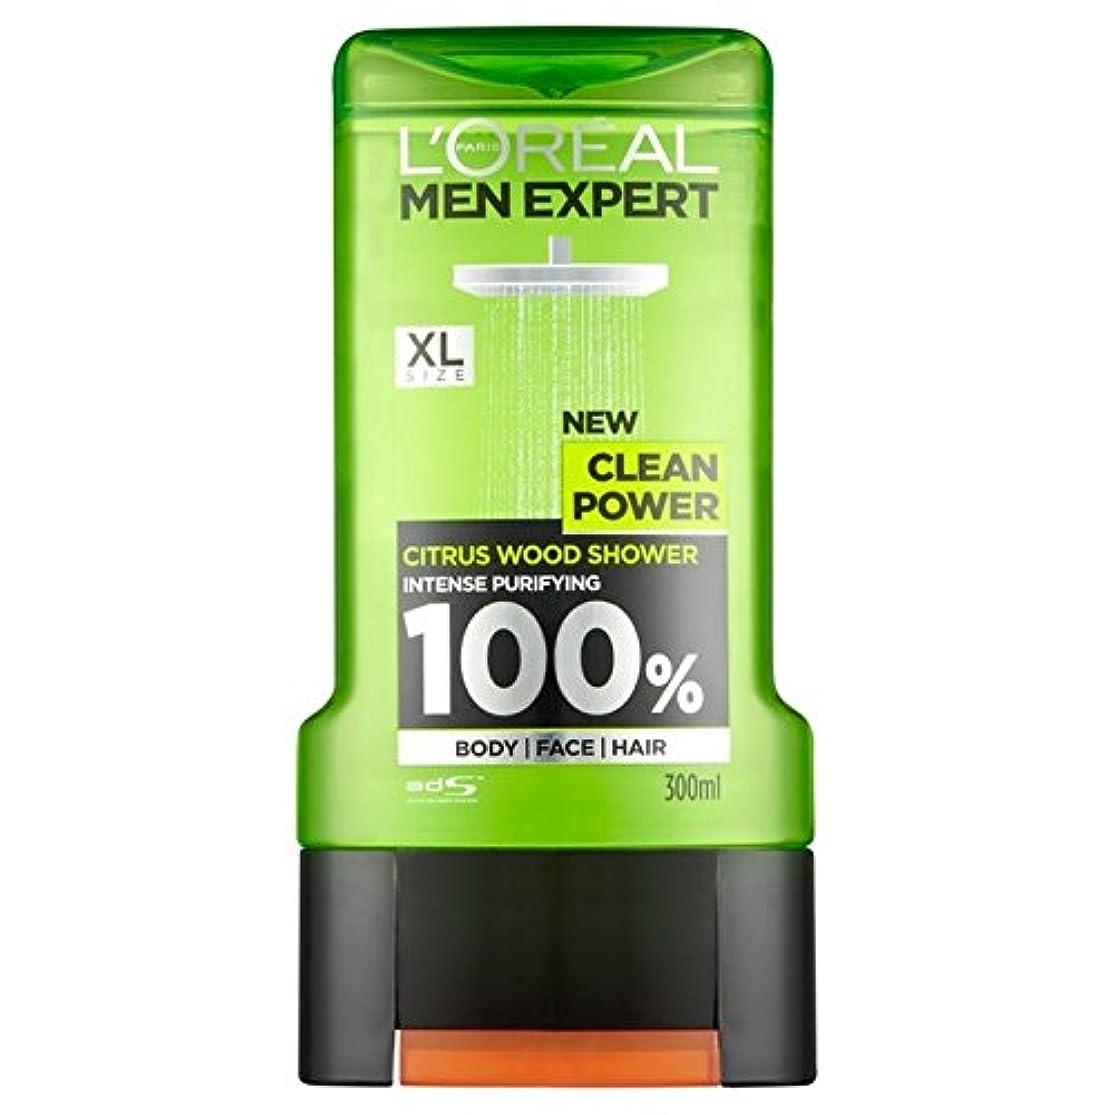 ローズ爬虫類虹ロレアルパリの男性の専門家クリーンパワーシャワージェル300ミリリットル x4 - L'Oreal Paris Men Expert Clean Power Shower Gel 300ml (Pack of 4) [並行輸入品]